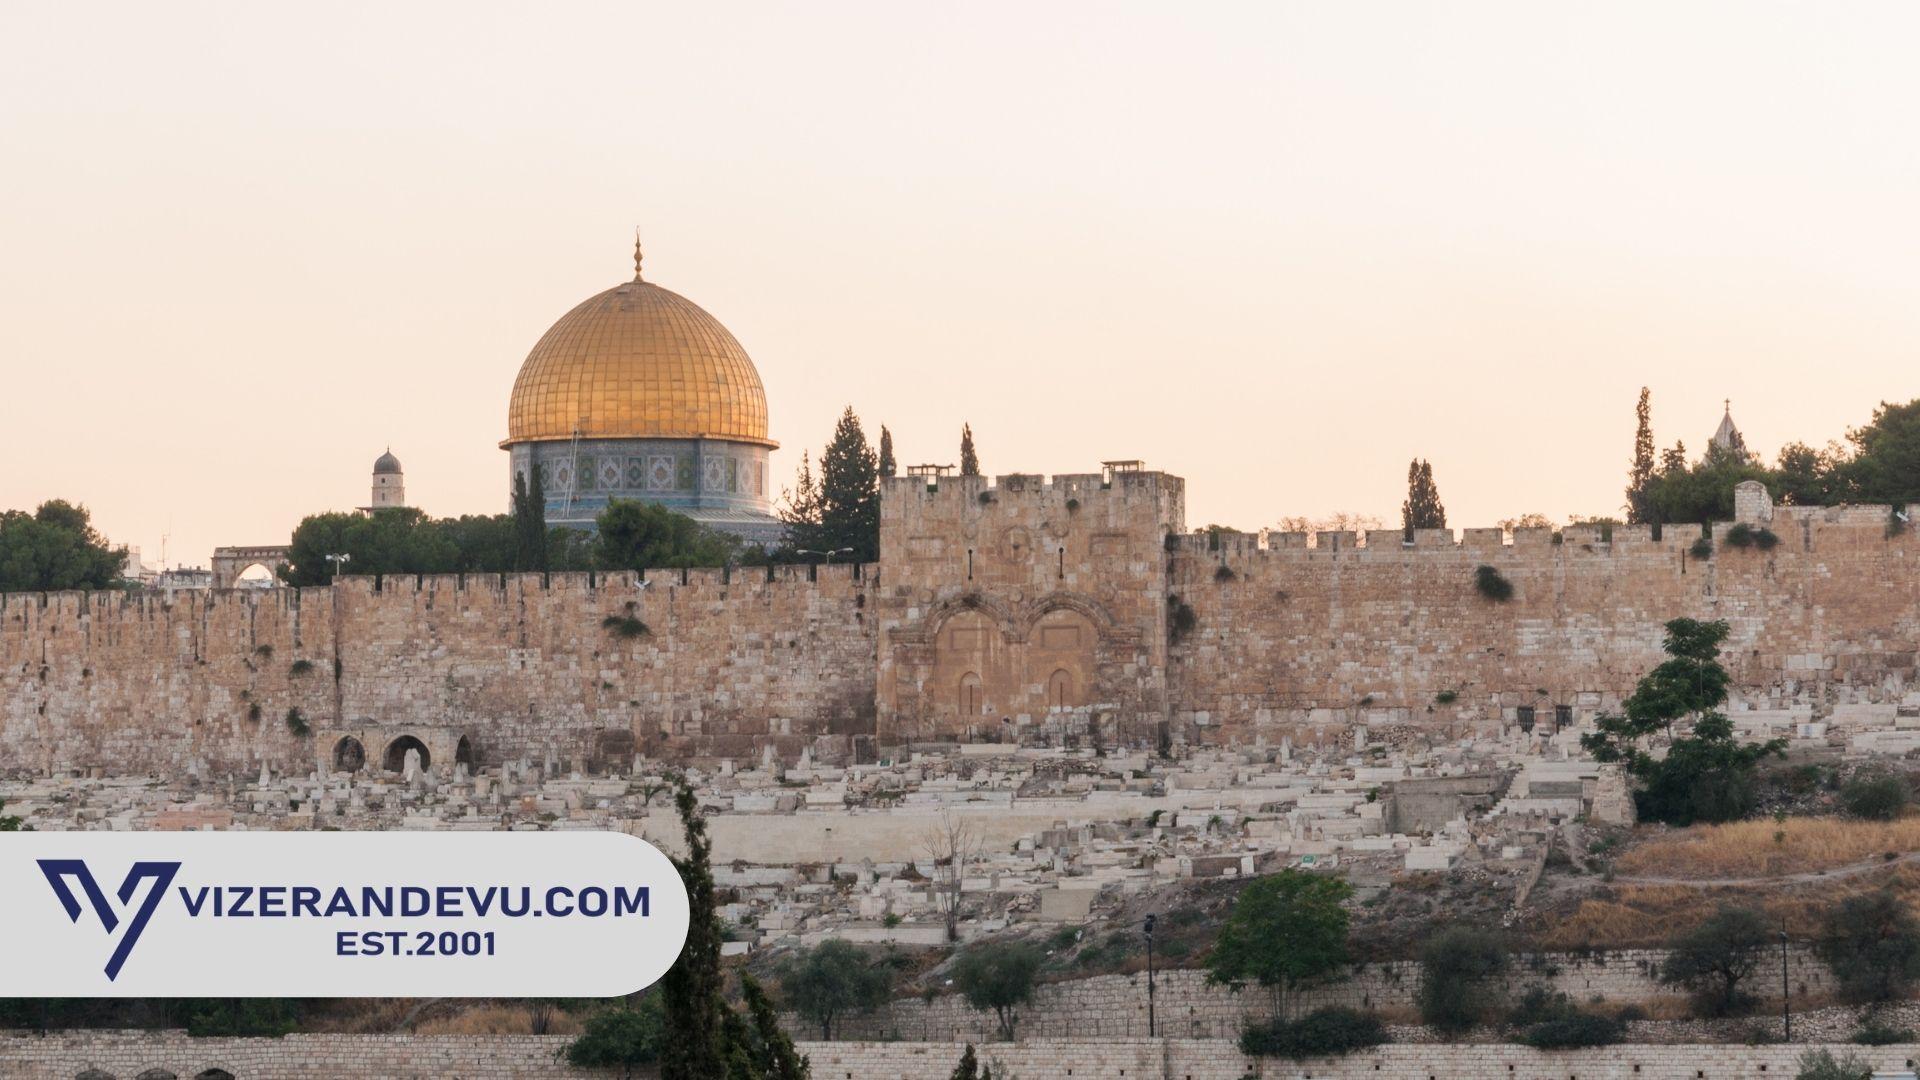 Filistin Vizesi: Randevu ve Başvuru (2021)